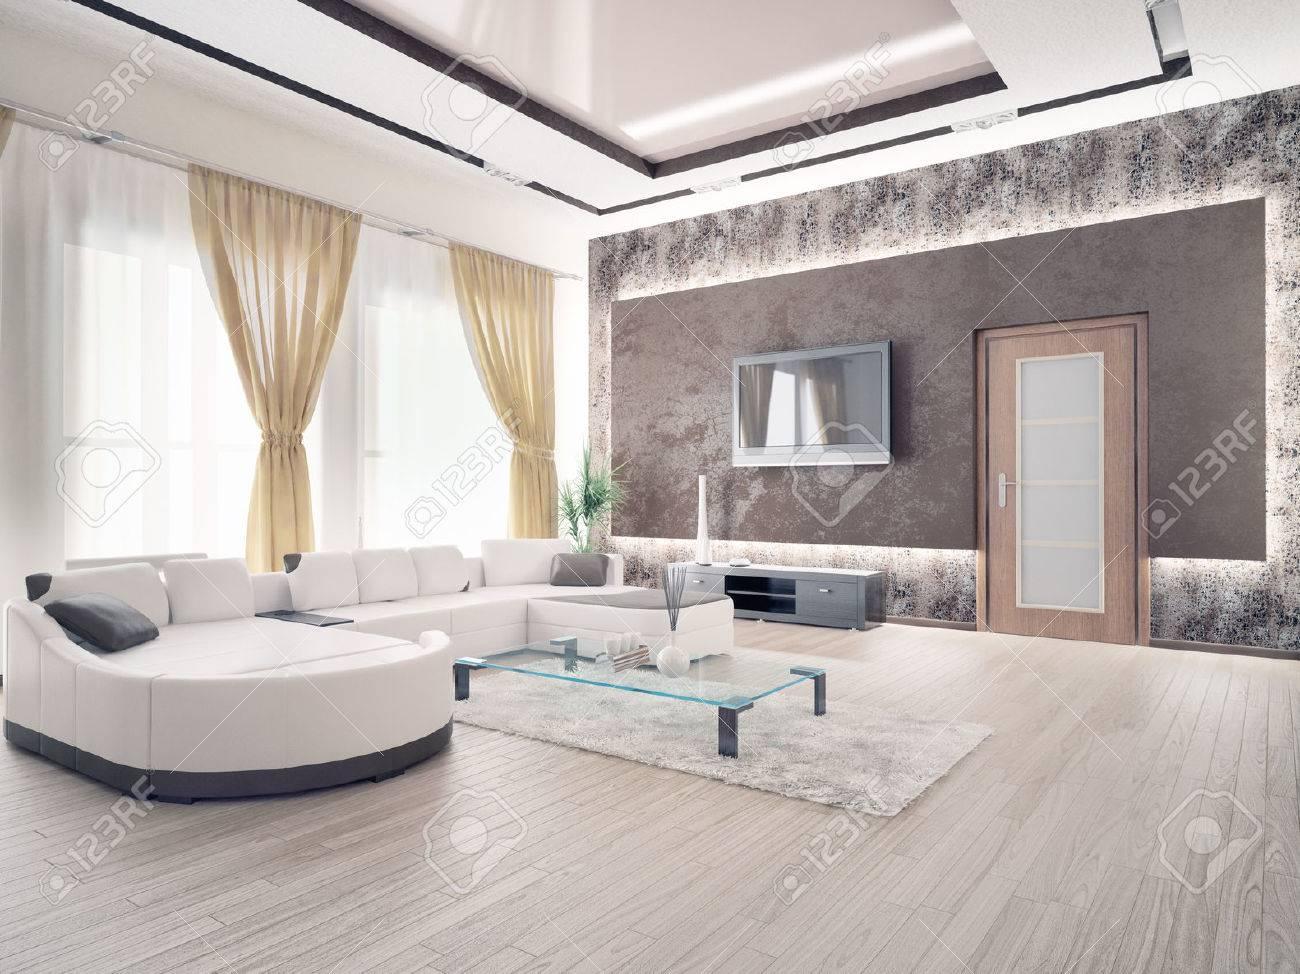 Innenraumdesign  Modernen Wohnzimmer Innenraum-Design Lizenzfreie Fotos, Bilder Und ...